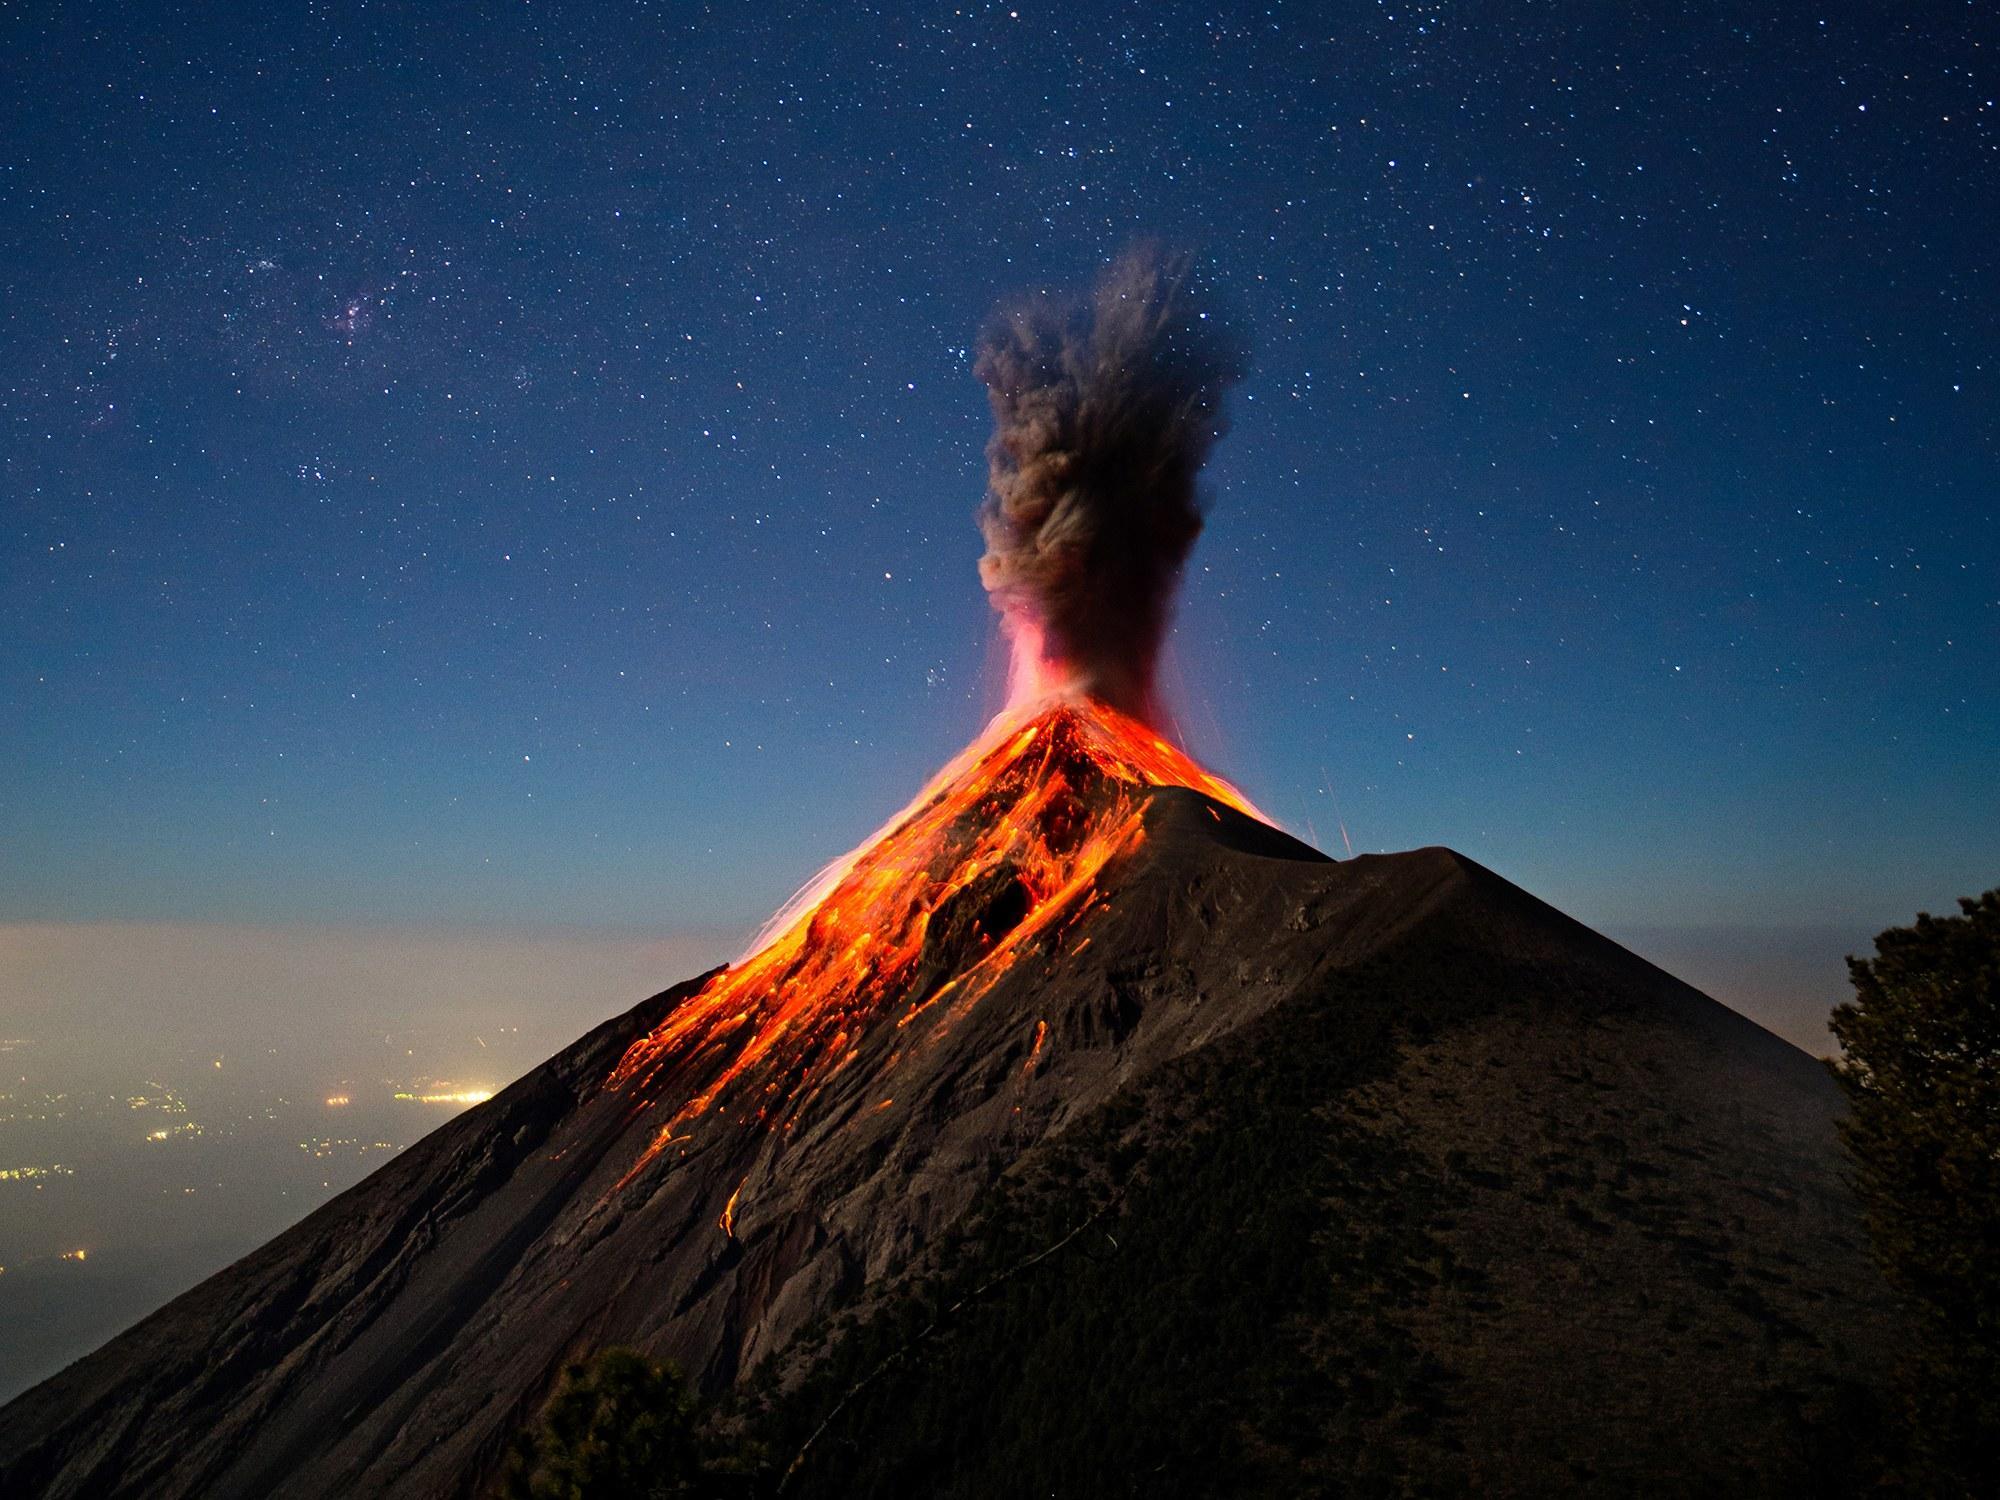 Почему извергается вулкан? вулкана, магмы, магма, извержение, Земли, поверхность, происходит, которые, может, дегазации, мантии, тогда, вулкан, очаге, магматическом, Магма, через, вдоль, вверх, поверхности